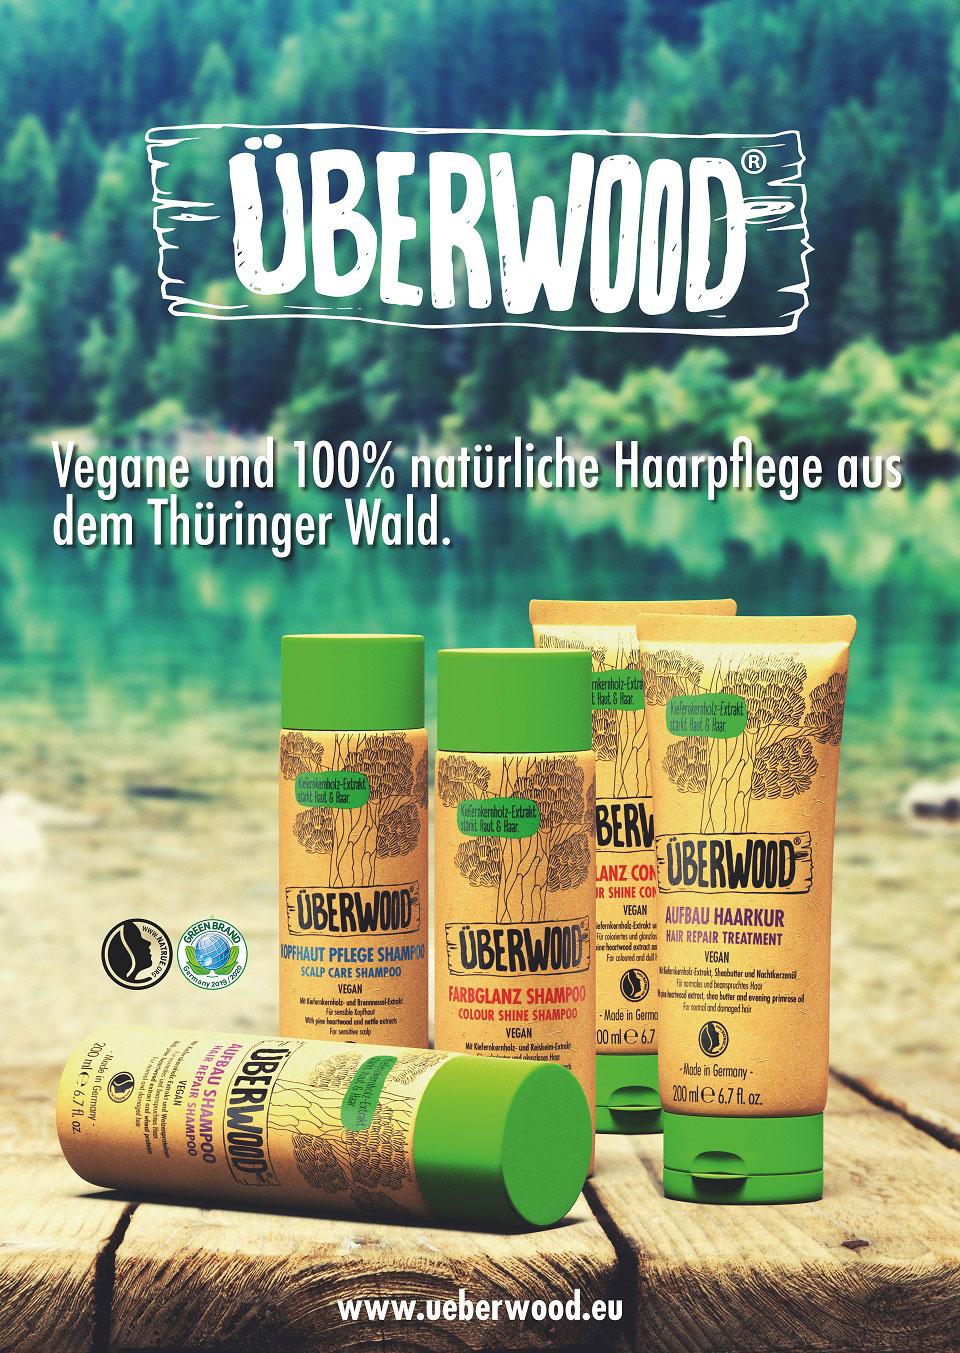 Die Produkte von Überwood sind auf diesem Plakat mitten in der Natur abgebildet mit einem grünlich-türkis schimmerndem See im Hintergrund.